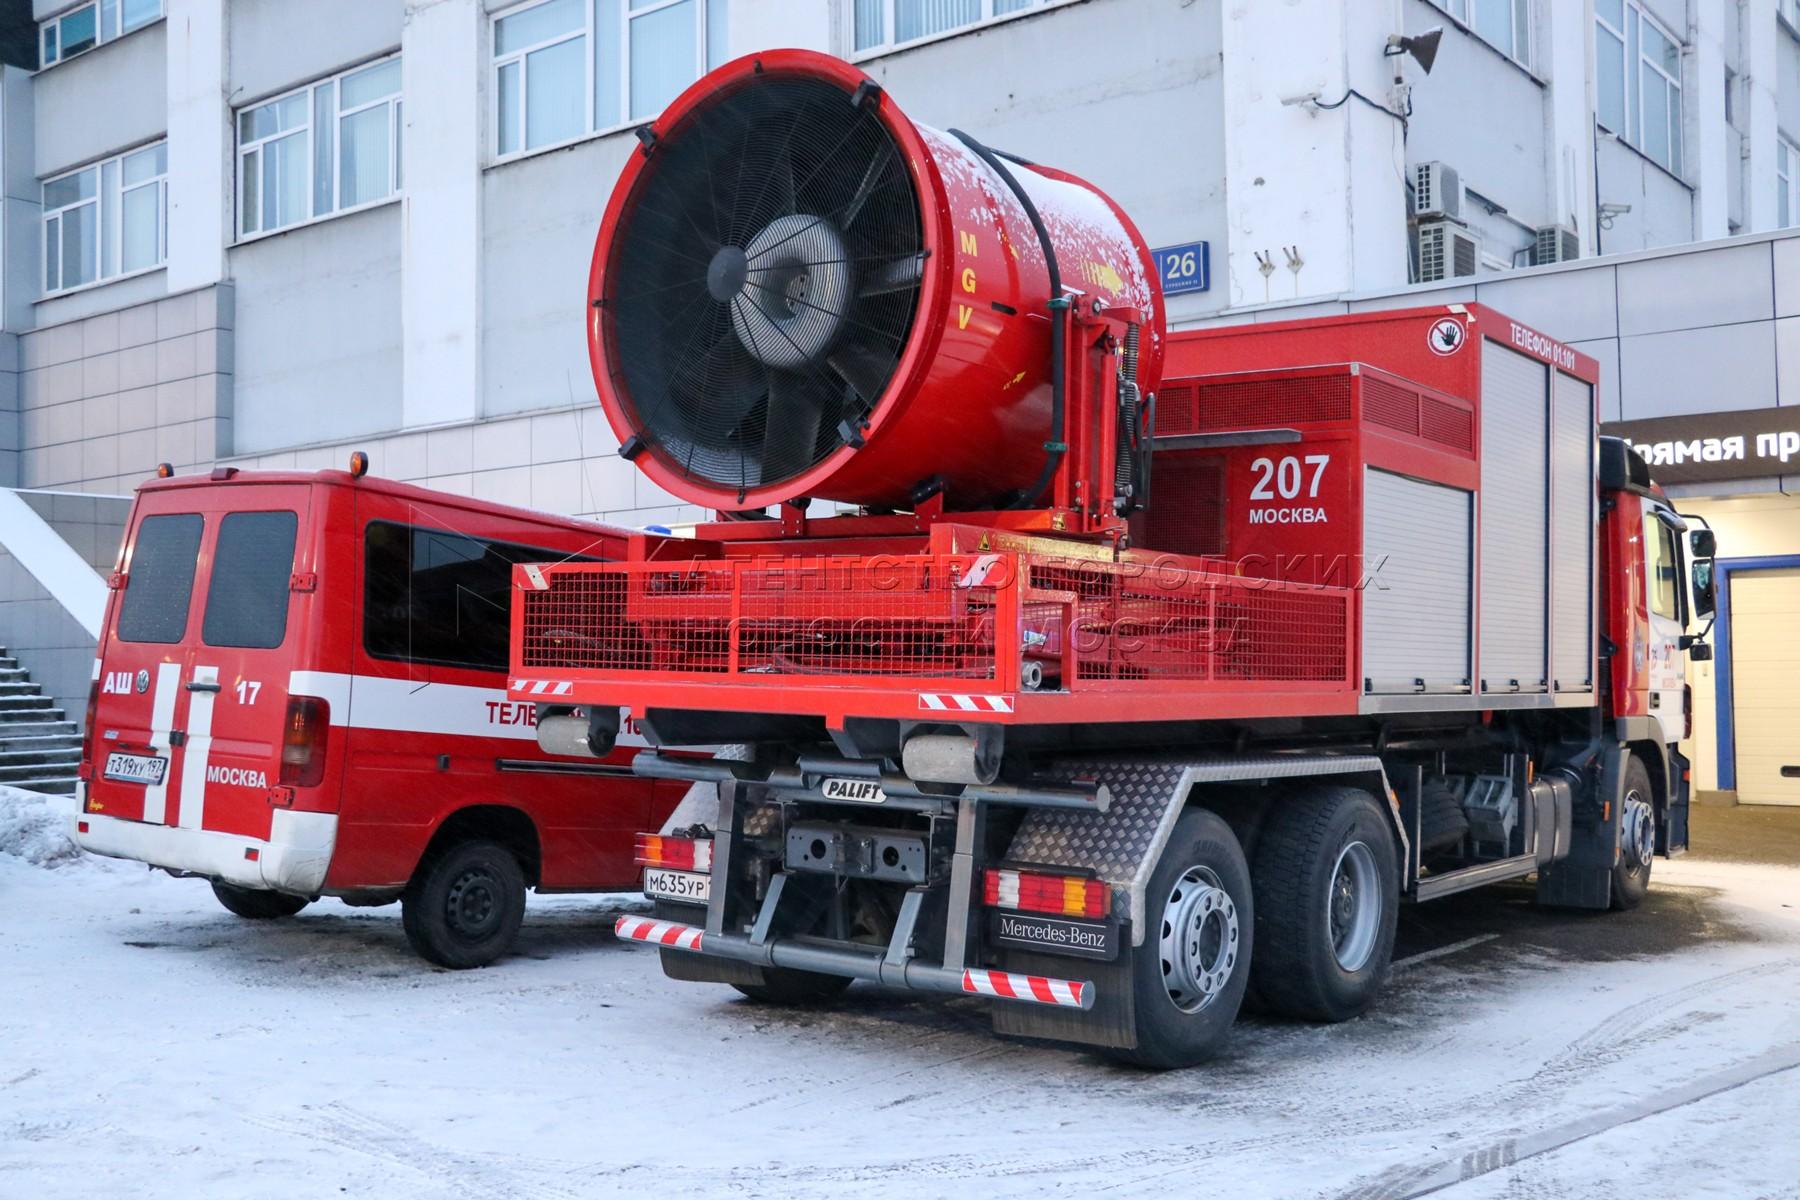 Пожарные расчеты на месте возгорания склада на территории промзоны по адресу: Варшавское шоссе, д. 26, с. 12.